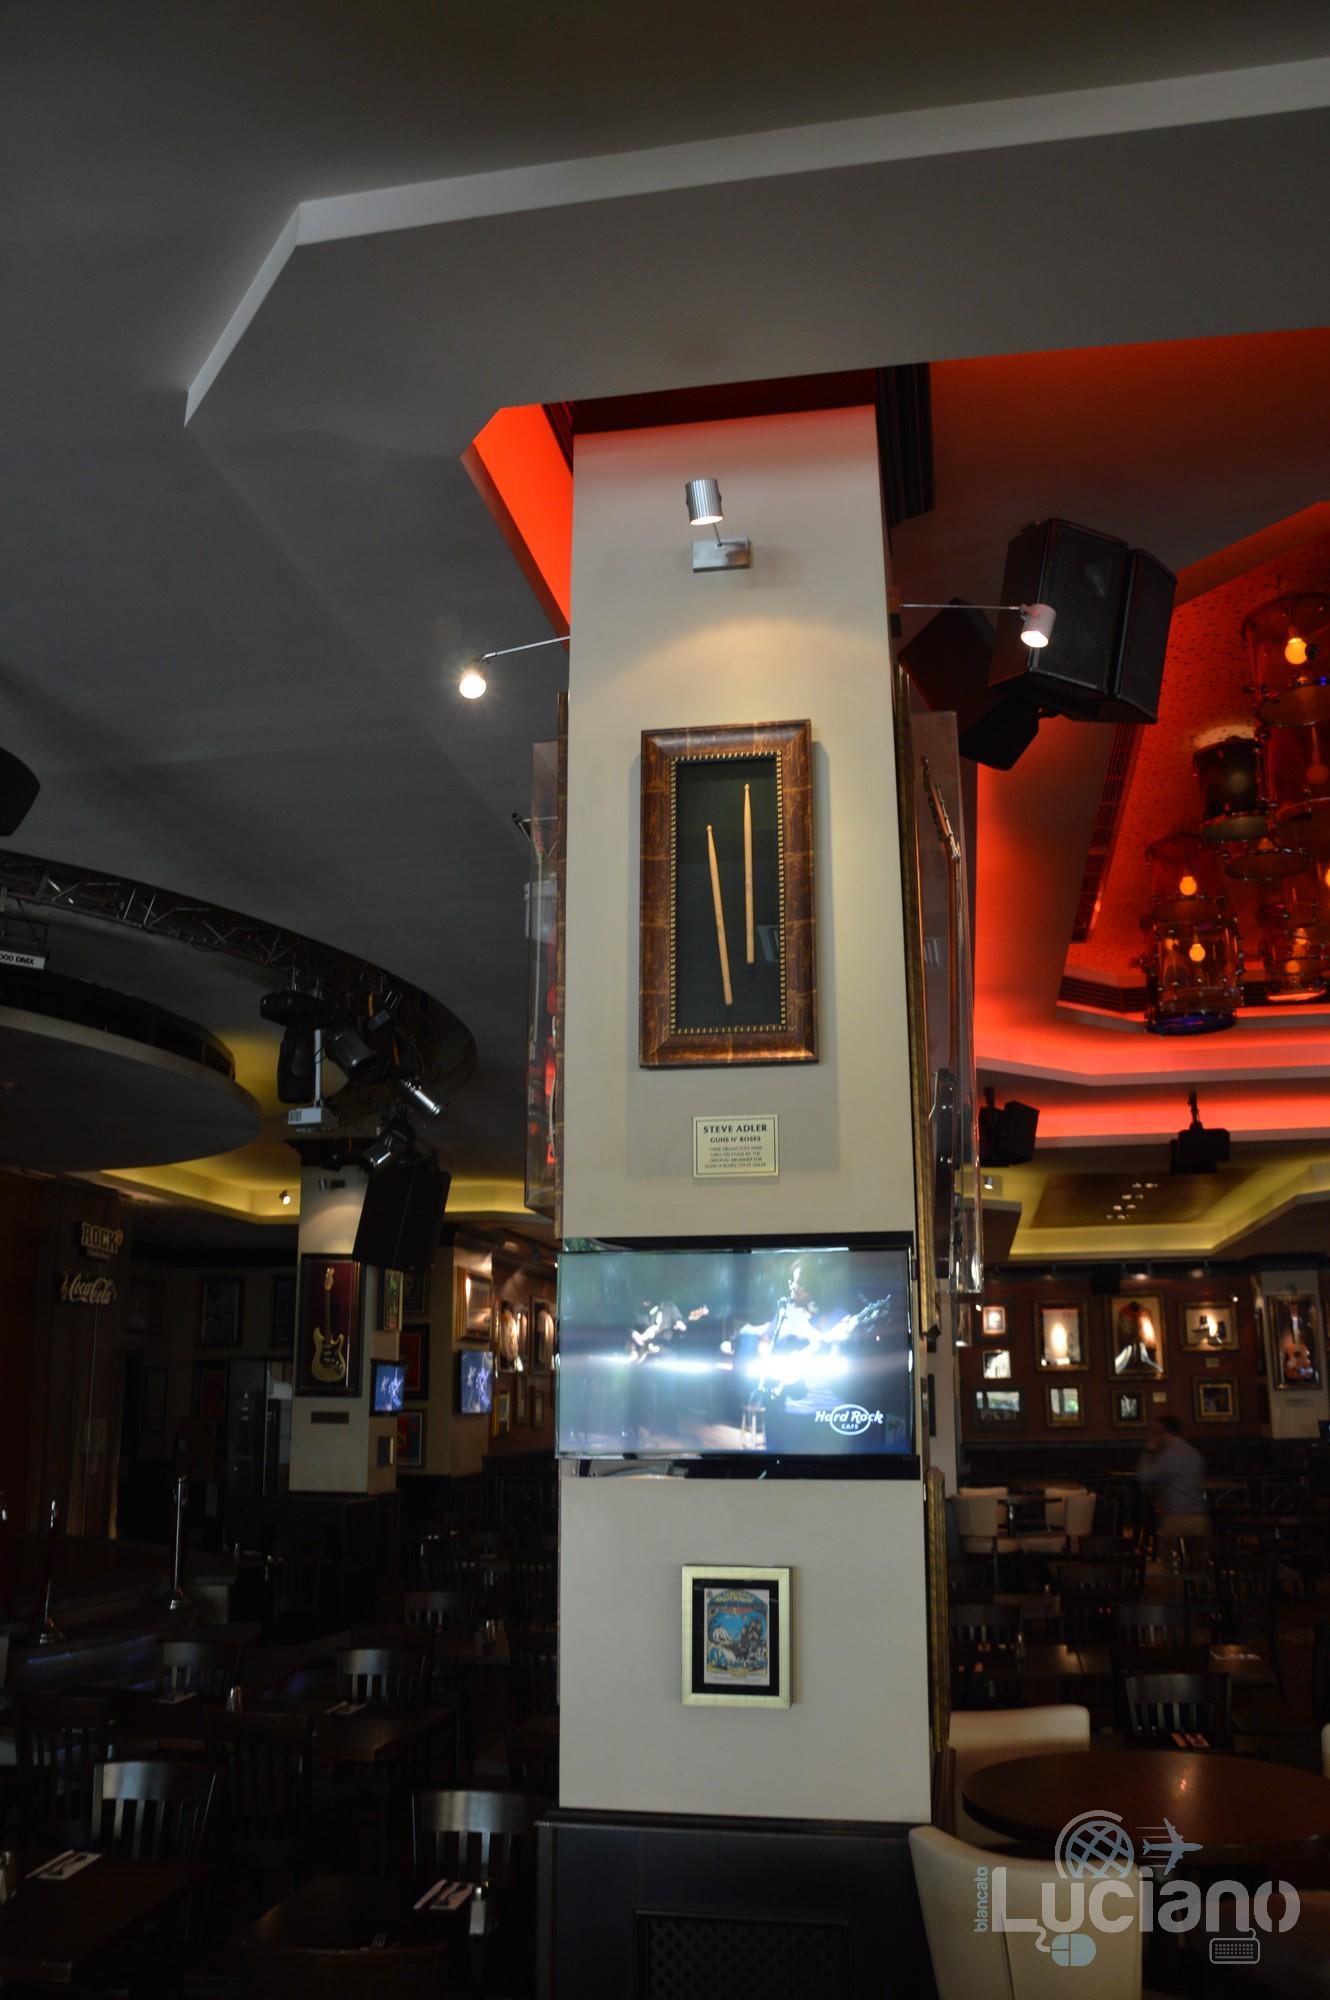 Hard Rock Cafe - interni, Șoseaua Kiseleff, Bucarest, Romania